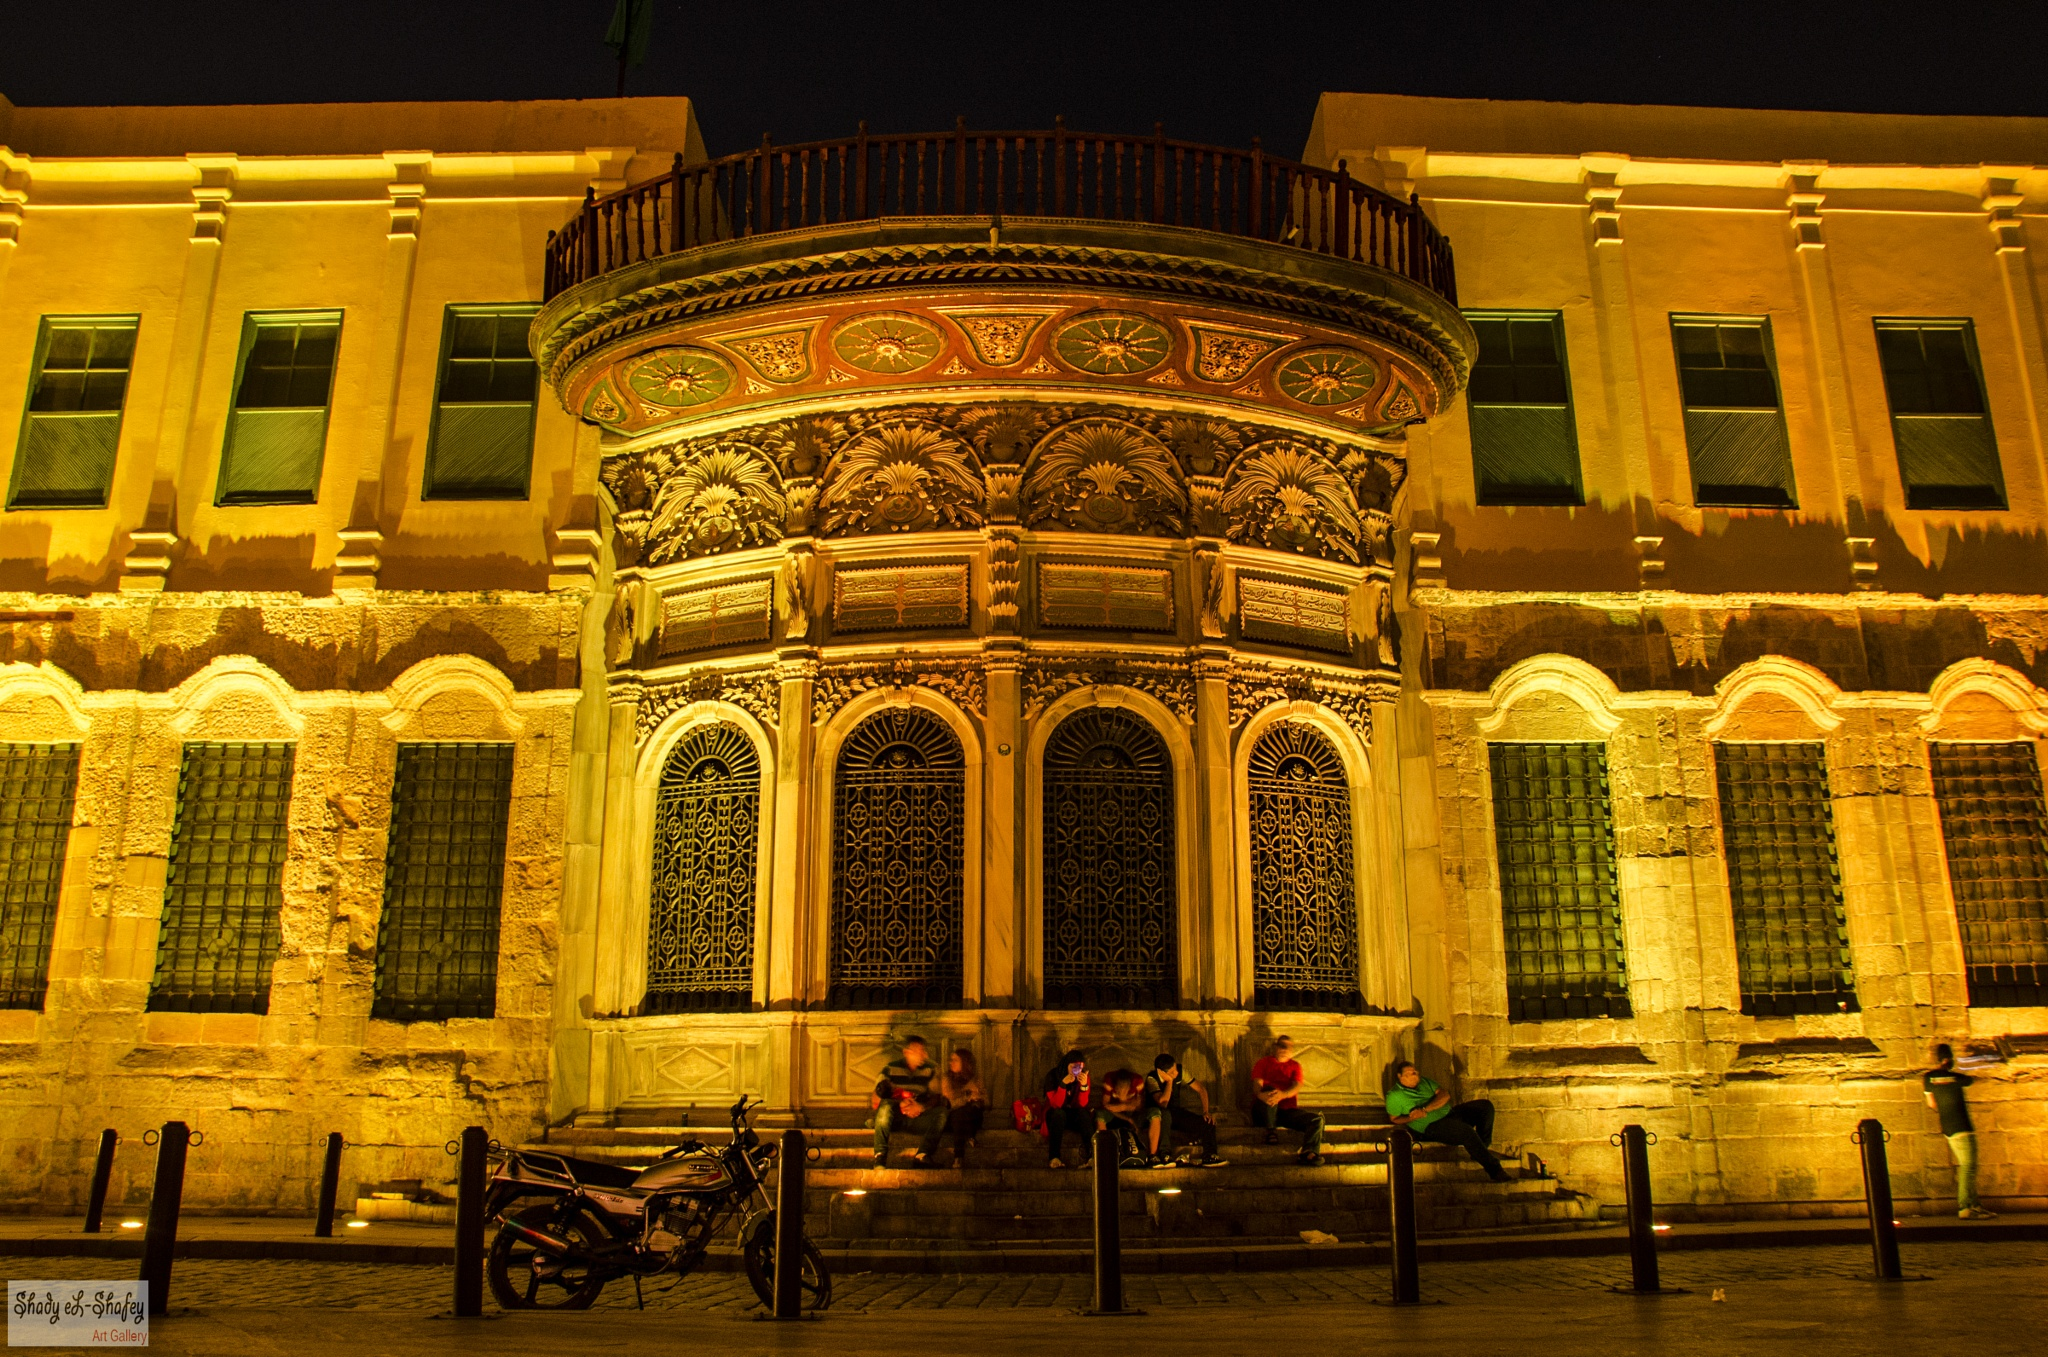 Moeaz St. Cairo by Shady EL-Shafey